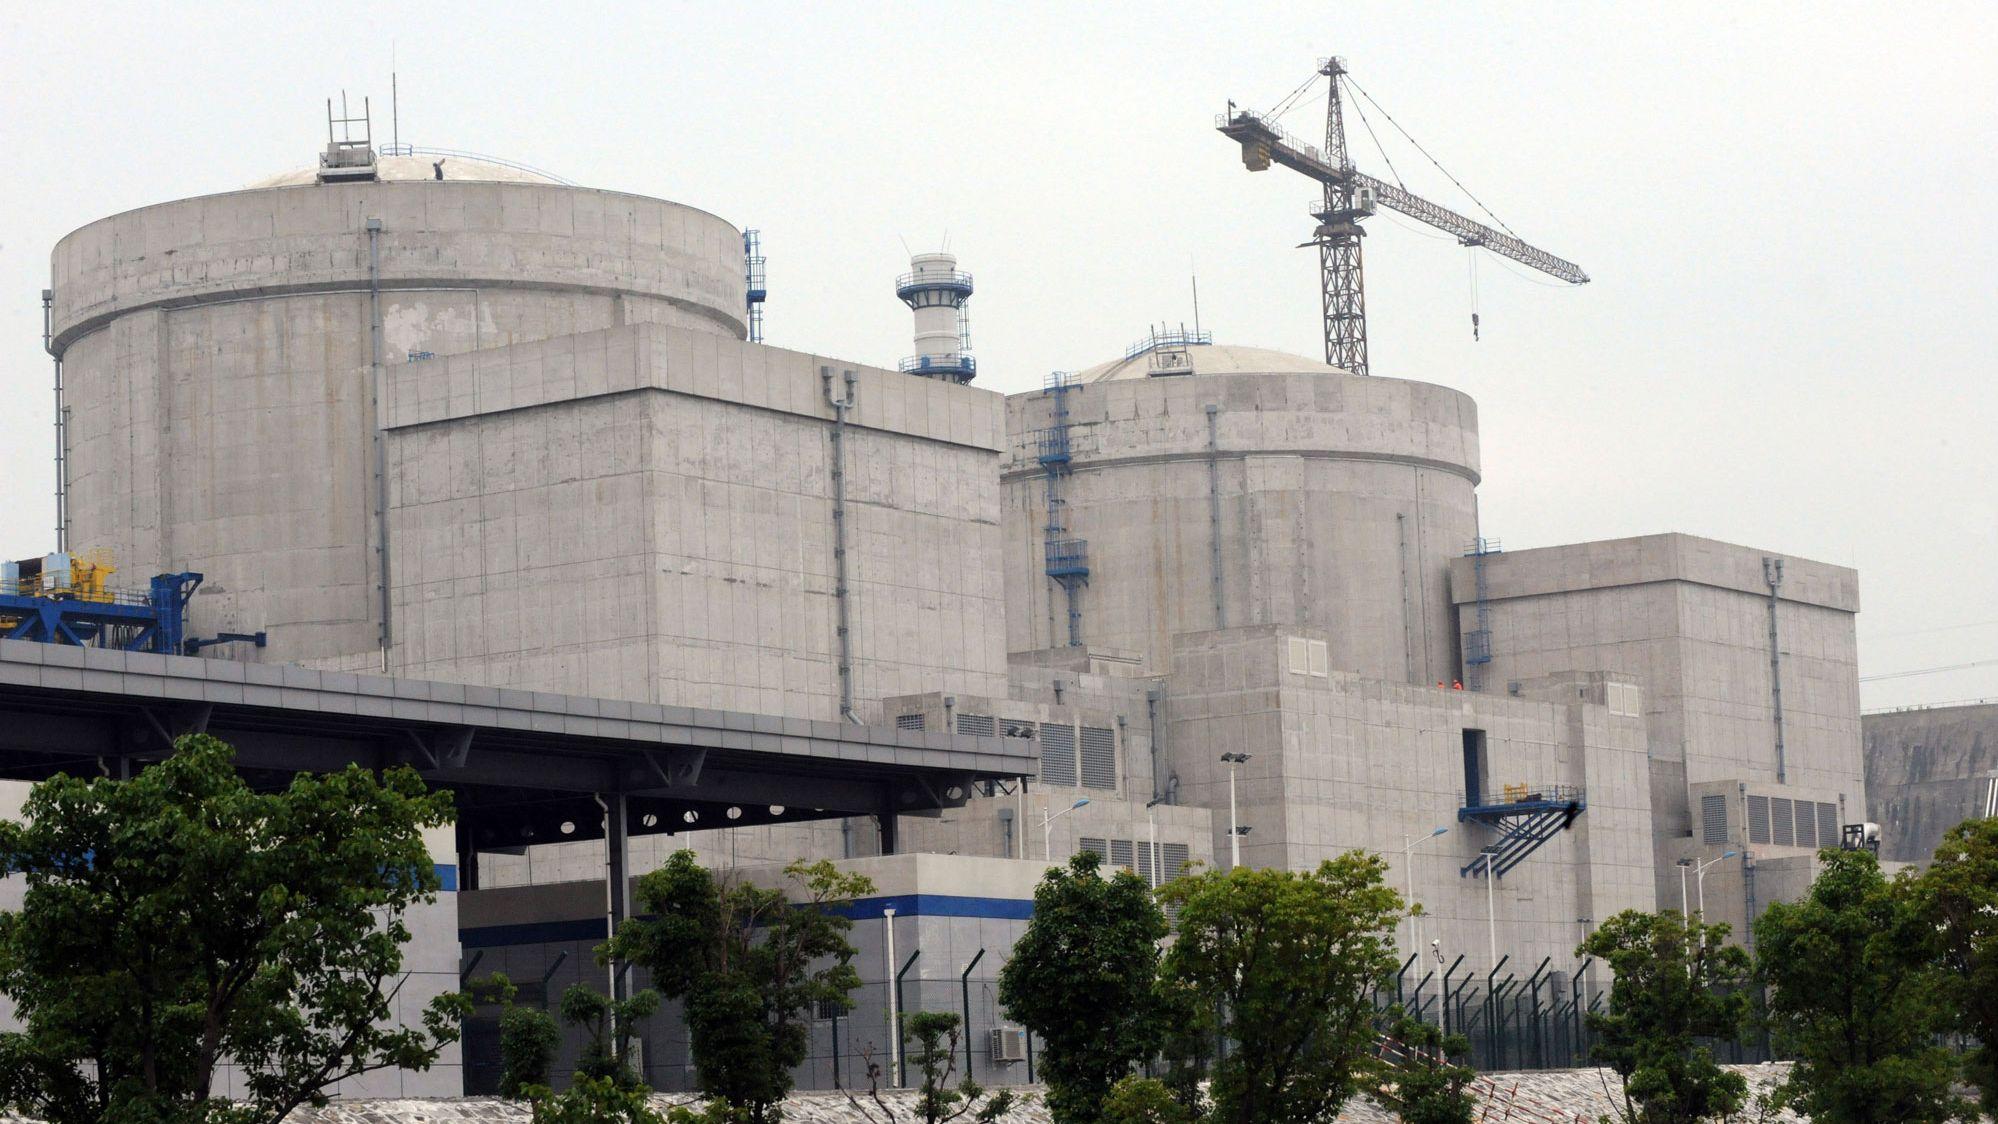 中国が独自設計の原子炉建設を再開、19年後半にも操業か